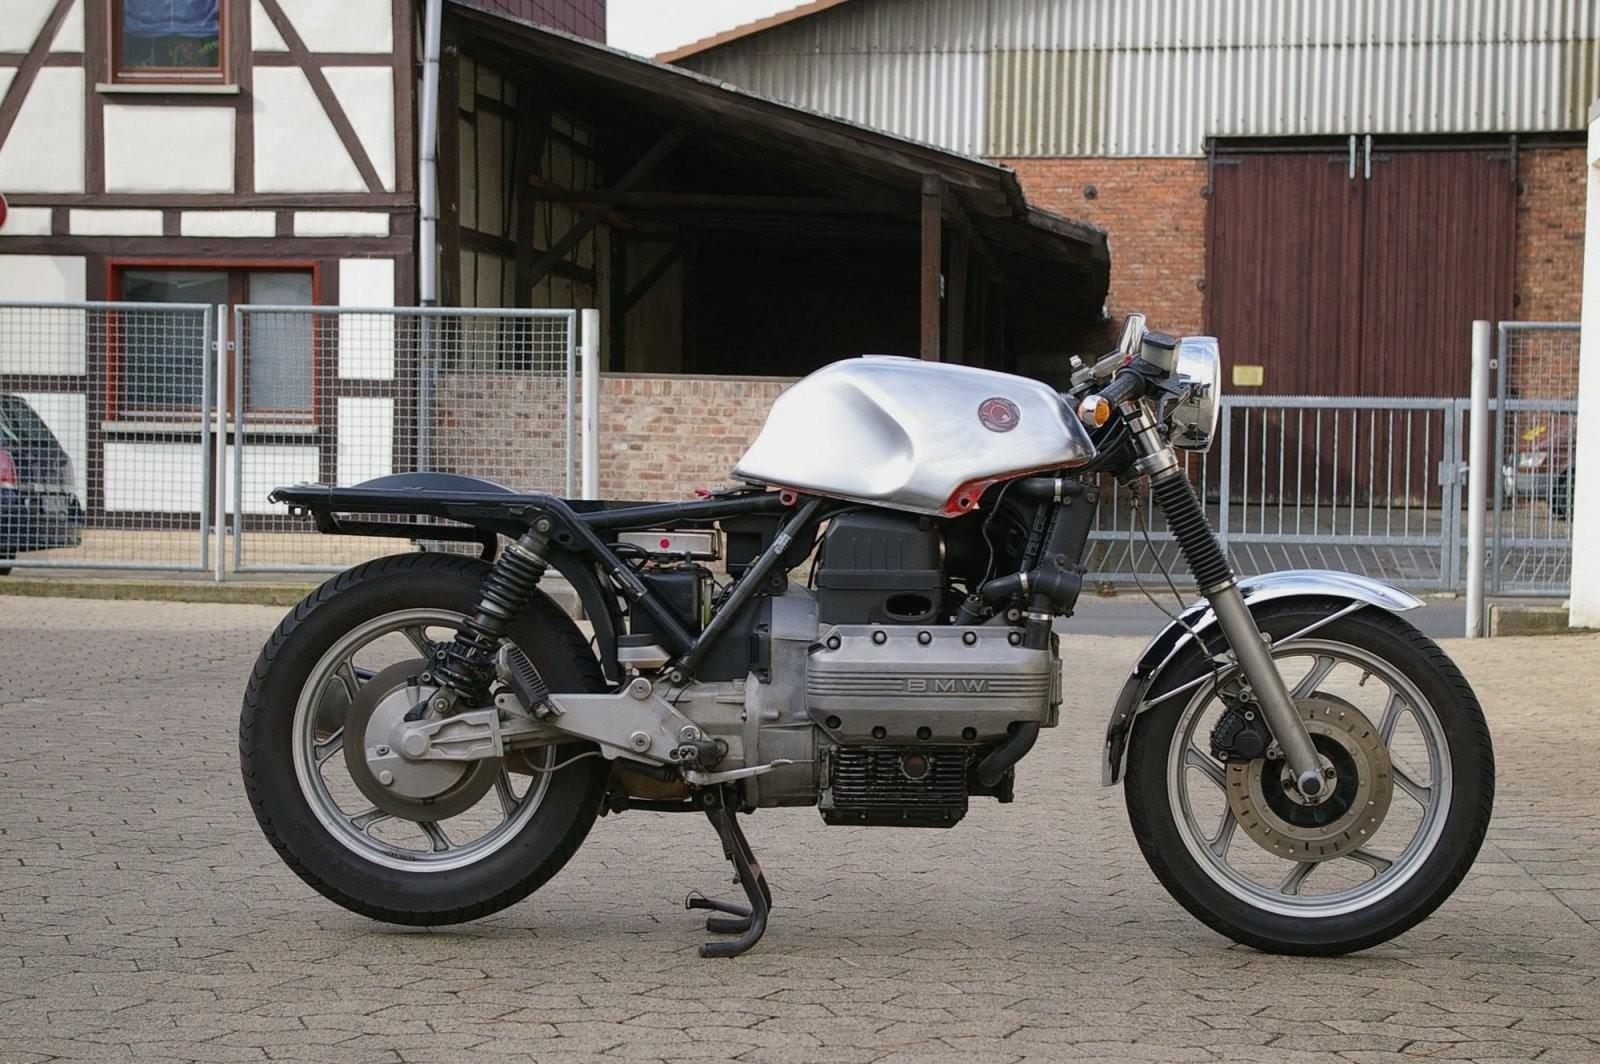 Cool Motorrad Sitzbank Selber Bauen 42091 Dekorieren Bei Das Haus von Sitzbank Selber Bauen Motorrad Photo